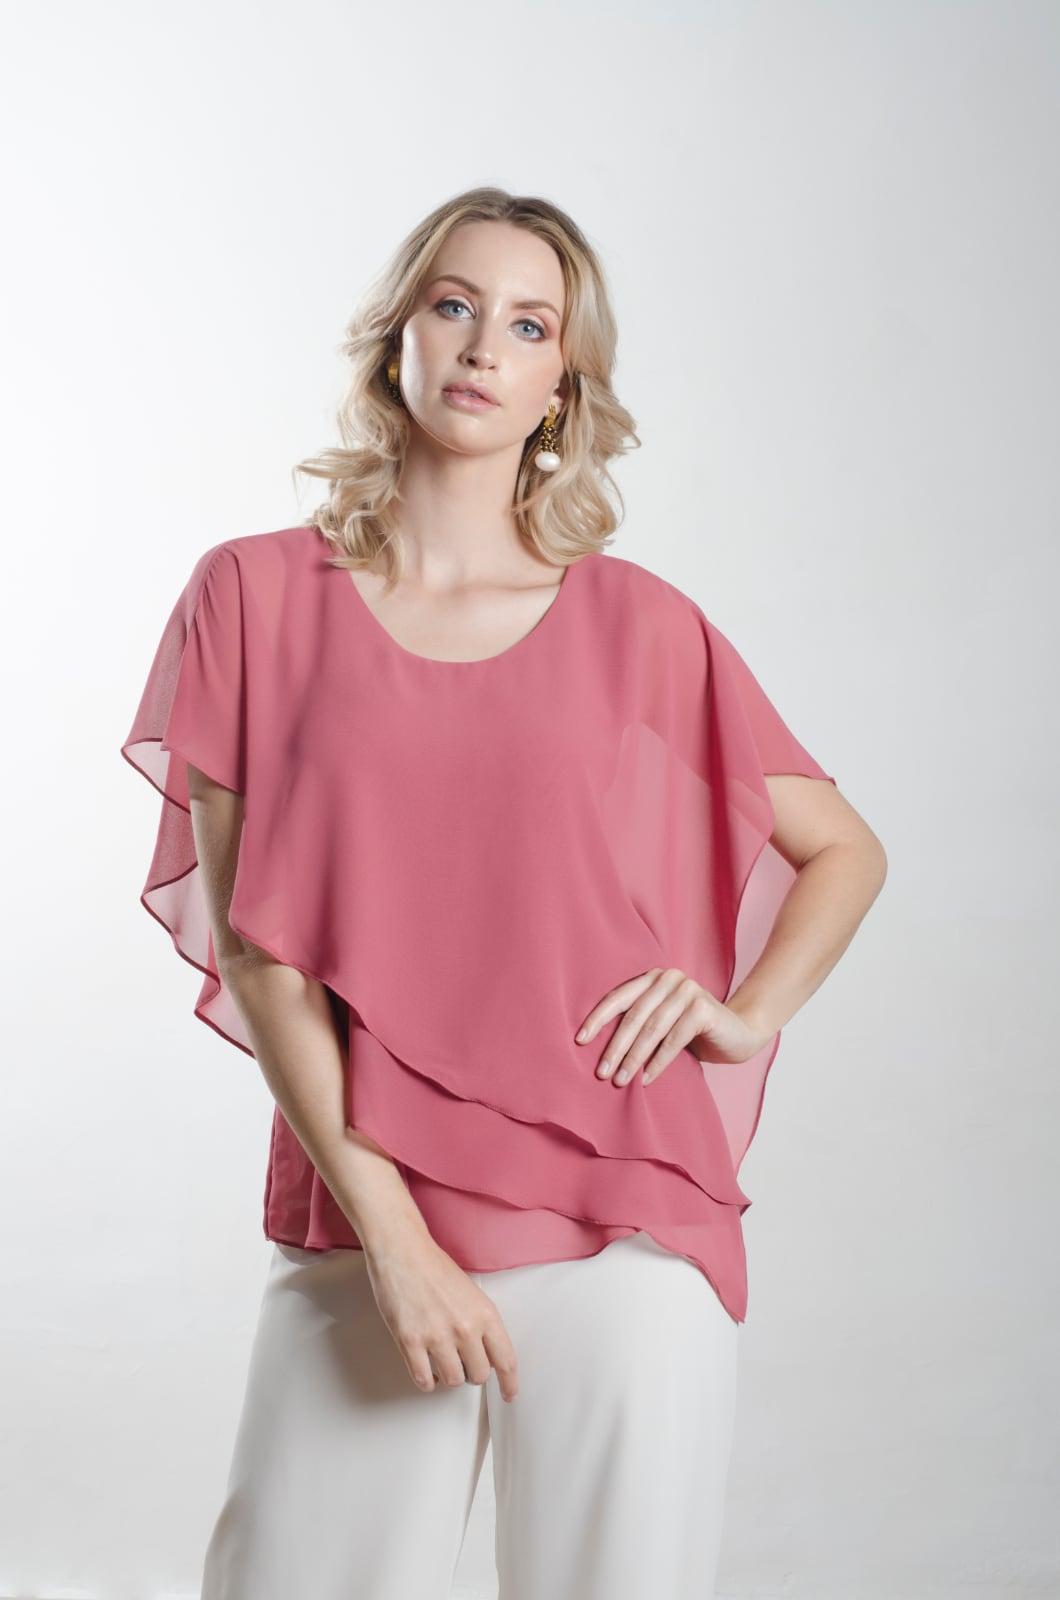 Blusa-en-capas-asimétricas-Chazari-4008-20-Rosa-Camelia